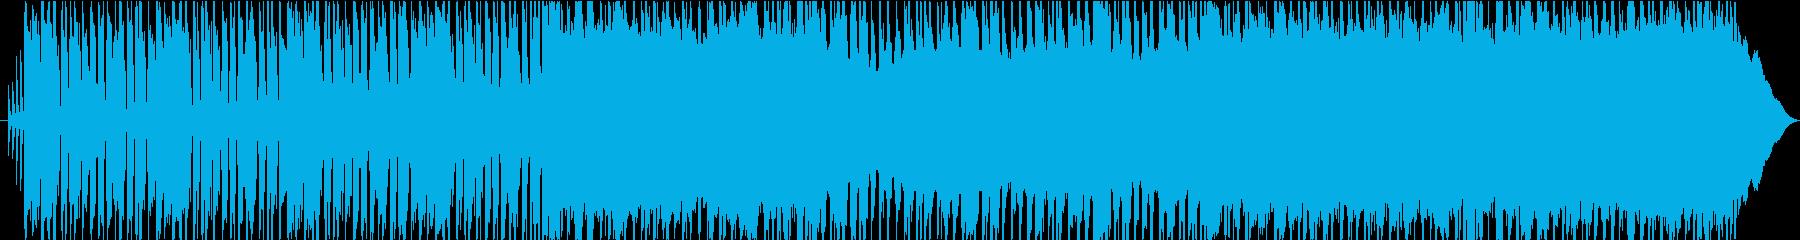 パンク ポップ ロック アクティブ...の再生済みの波形